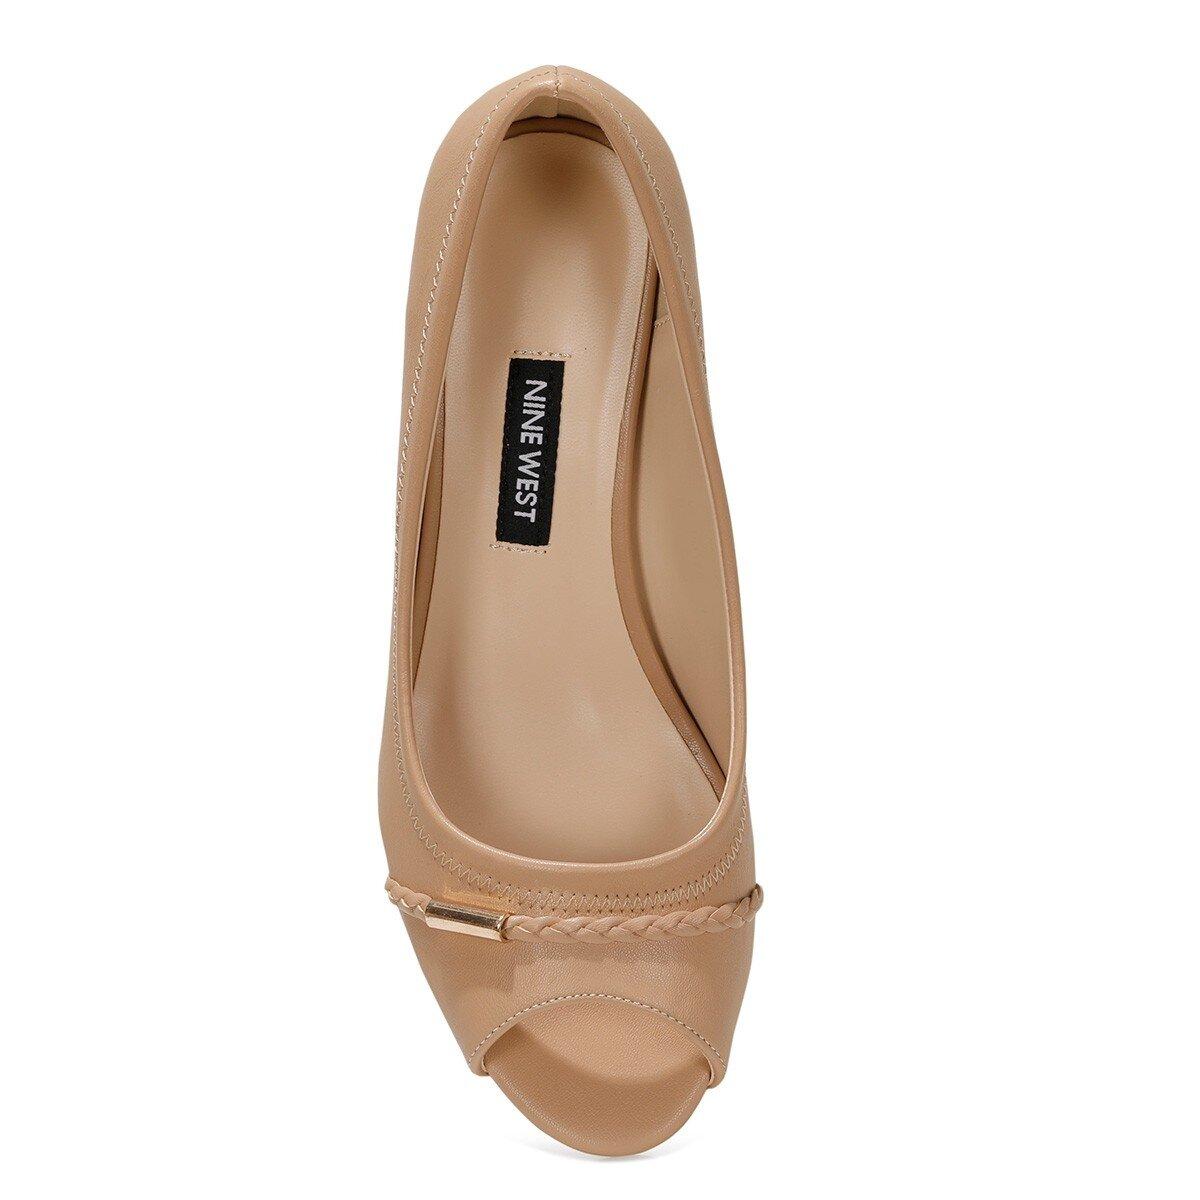 BIRENNA 1FX NUDE Kadın Dolgu Topuklu Ayakkabı